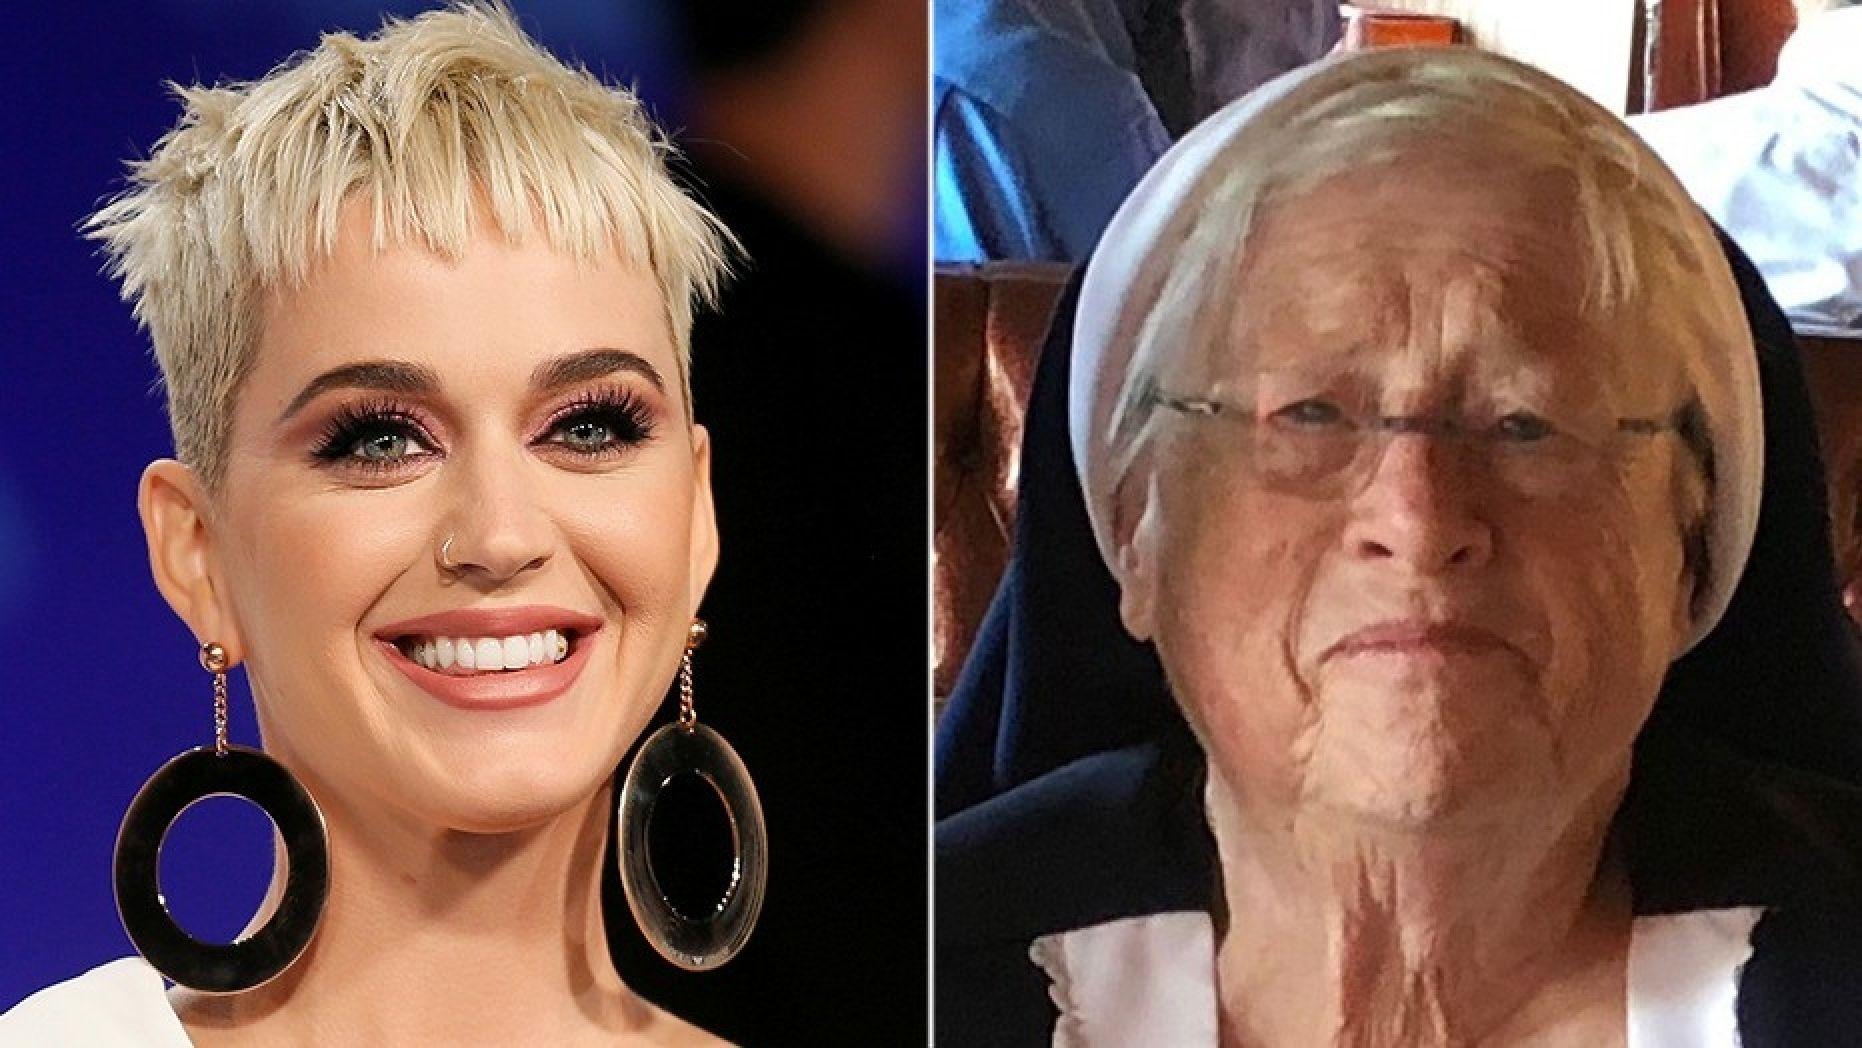 Nun Says Katy Perry Legal Battle Has Left Her Broke A legal battle with singer Katy Perry has left Sister Rita Callanan broke, says the nun